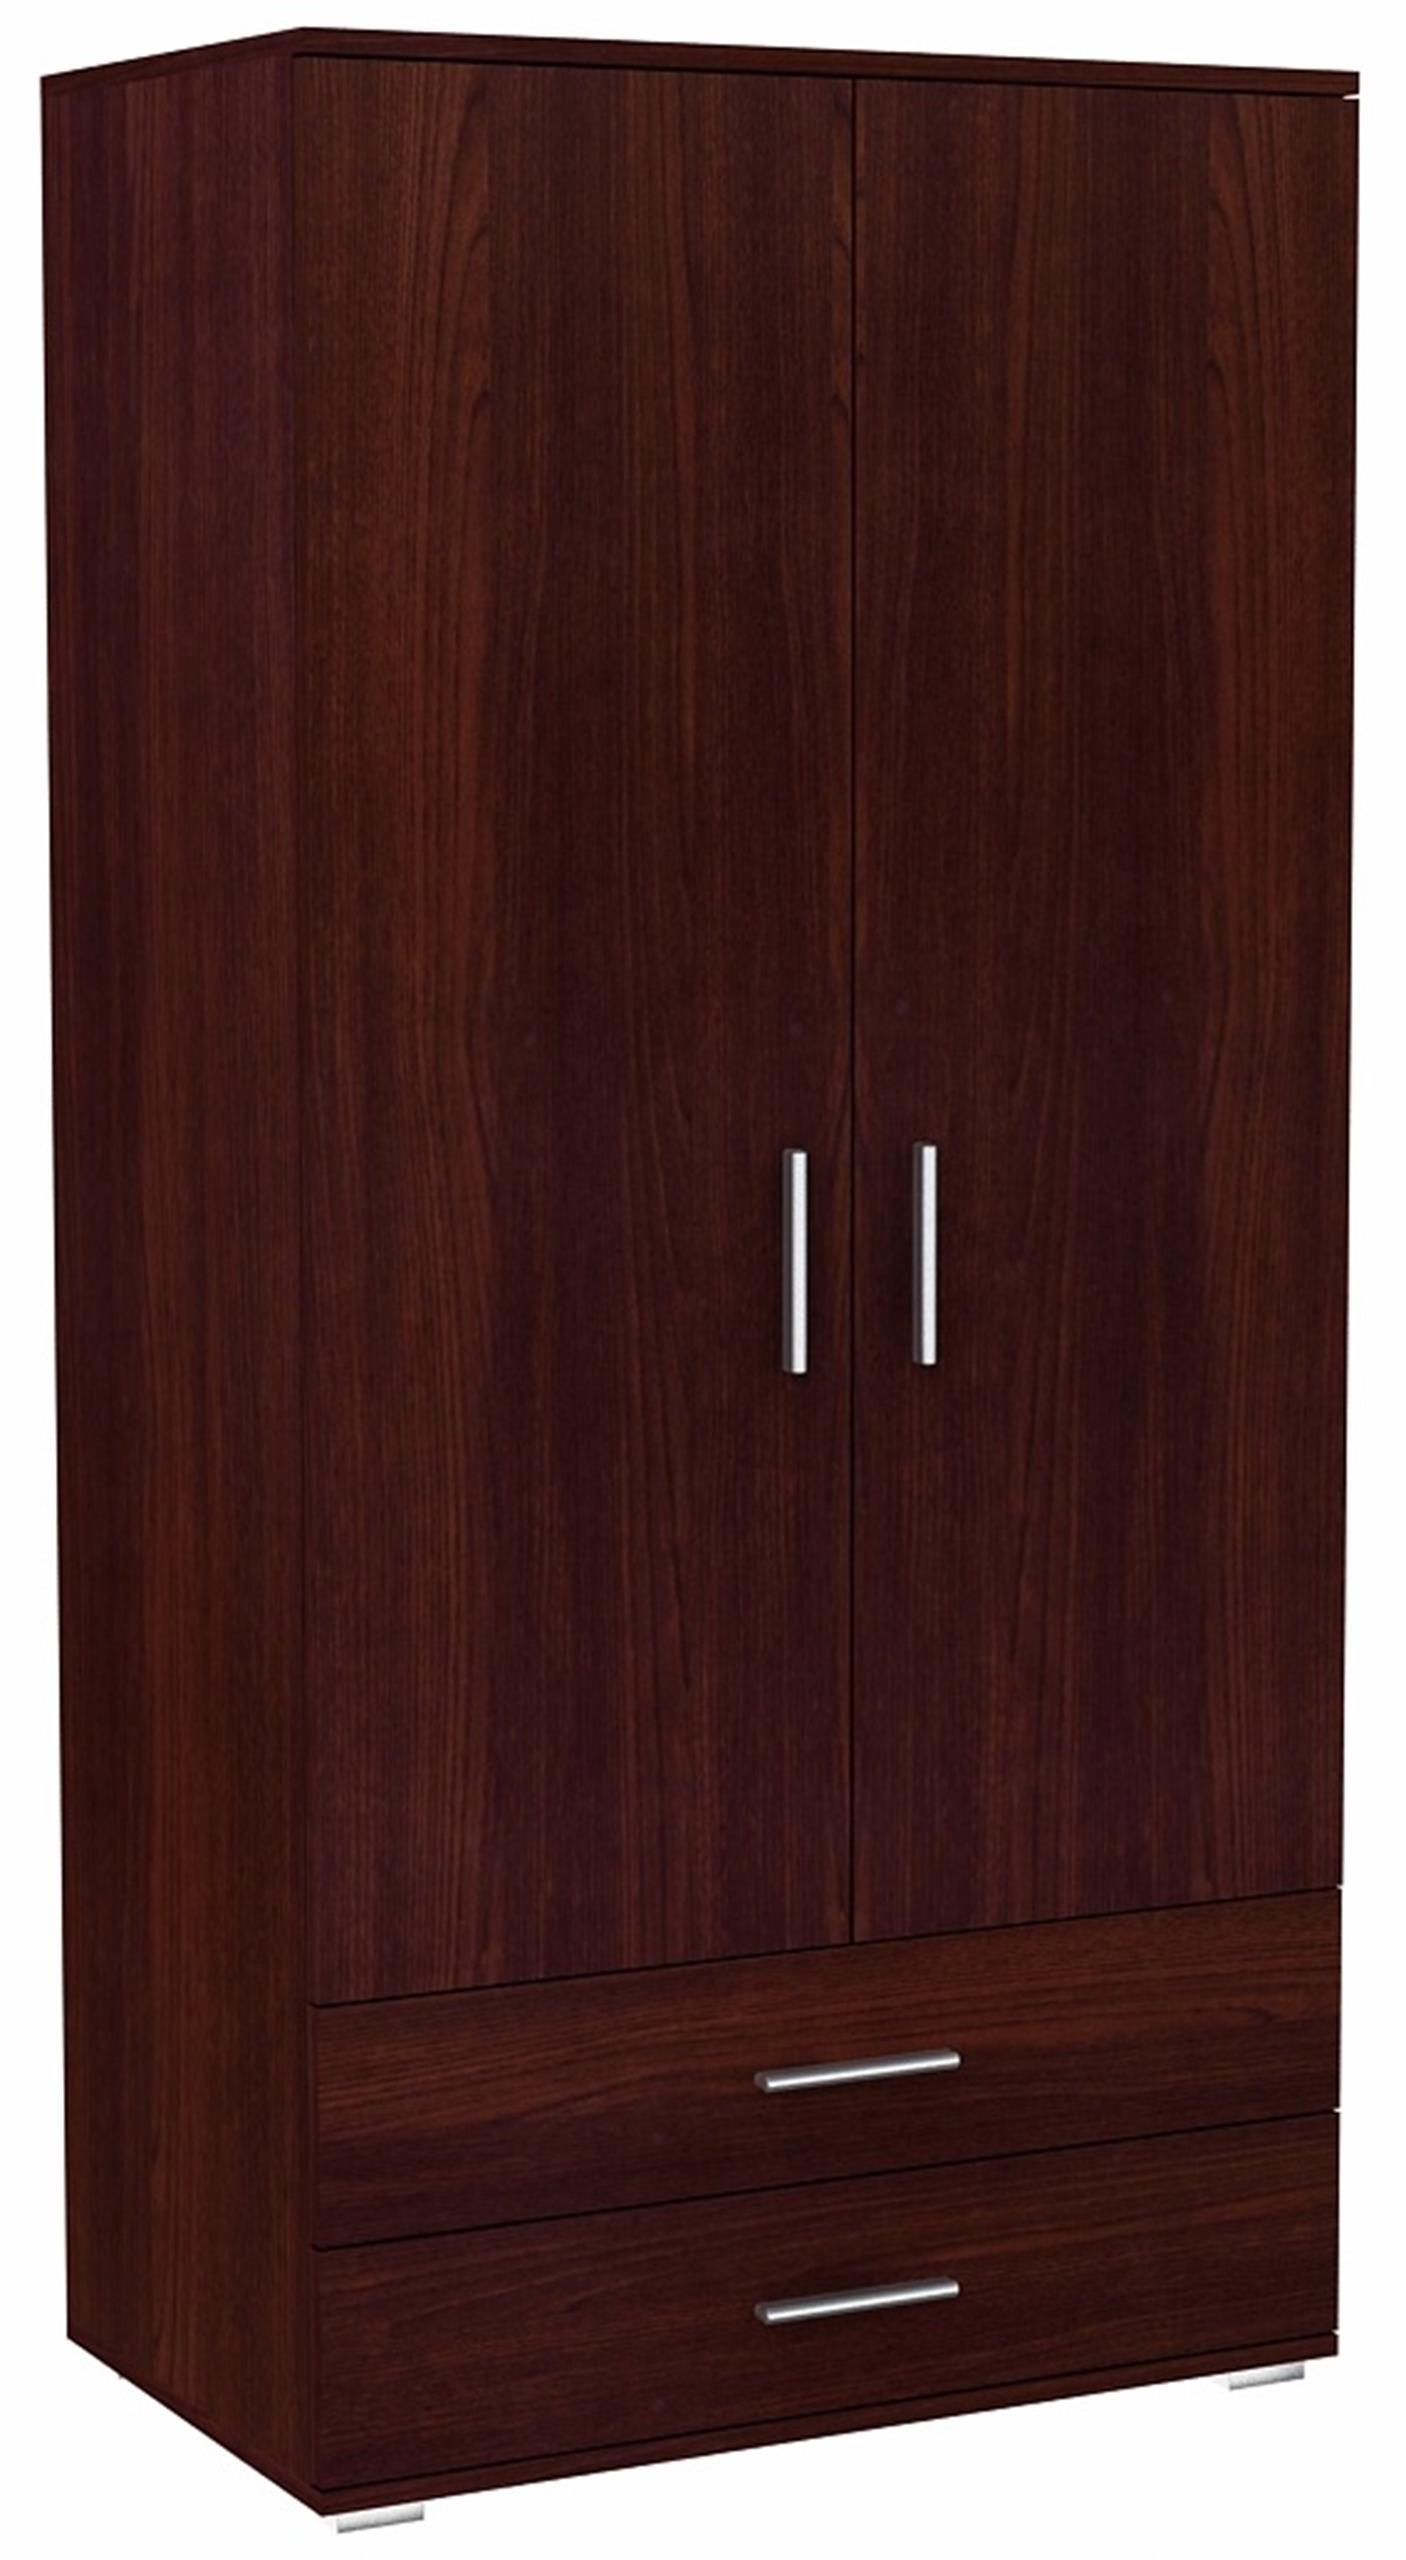 Шкаф двое дверей BODO 2D2S Венге 2 ящики Стеллаж